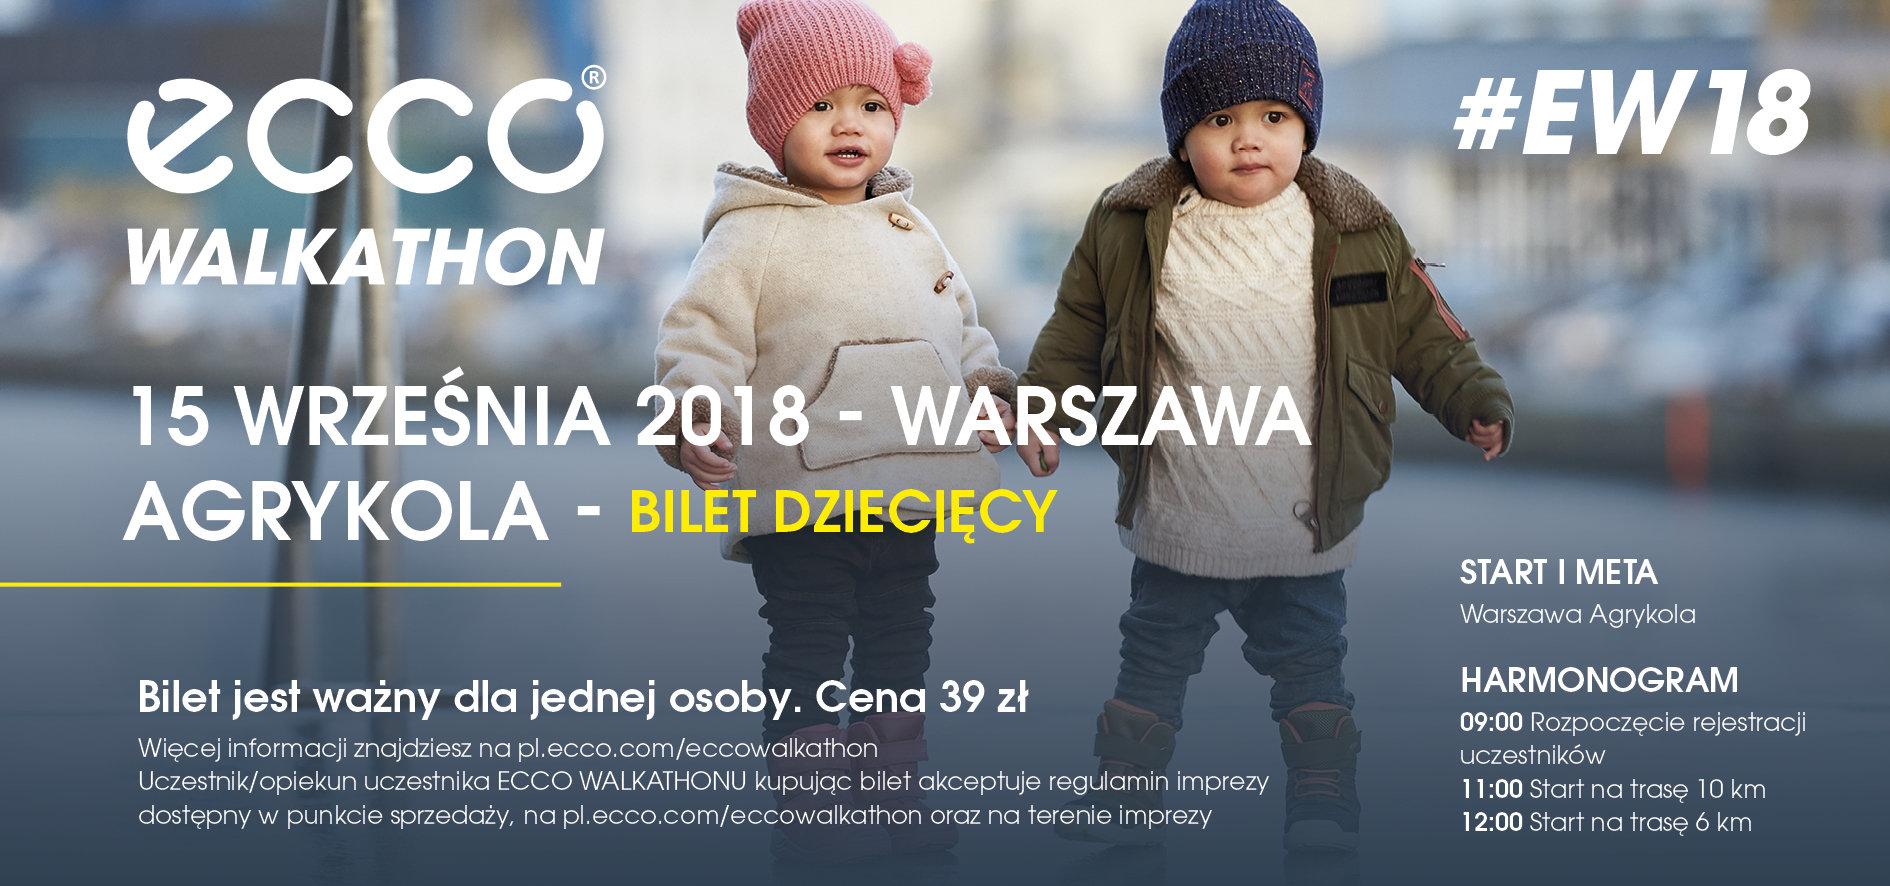 Bilety na ECCO Walkathon już w sprzedaży!